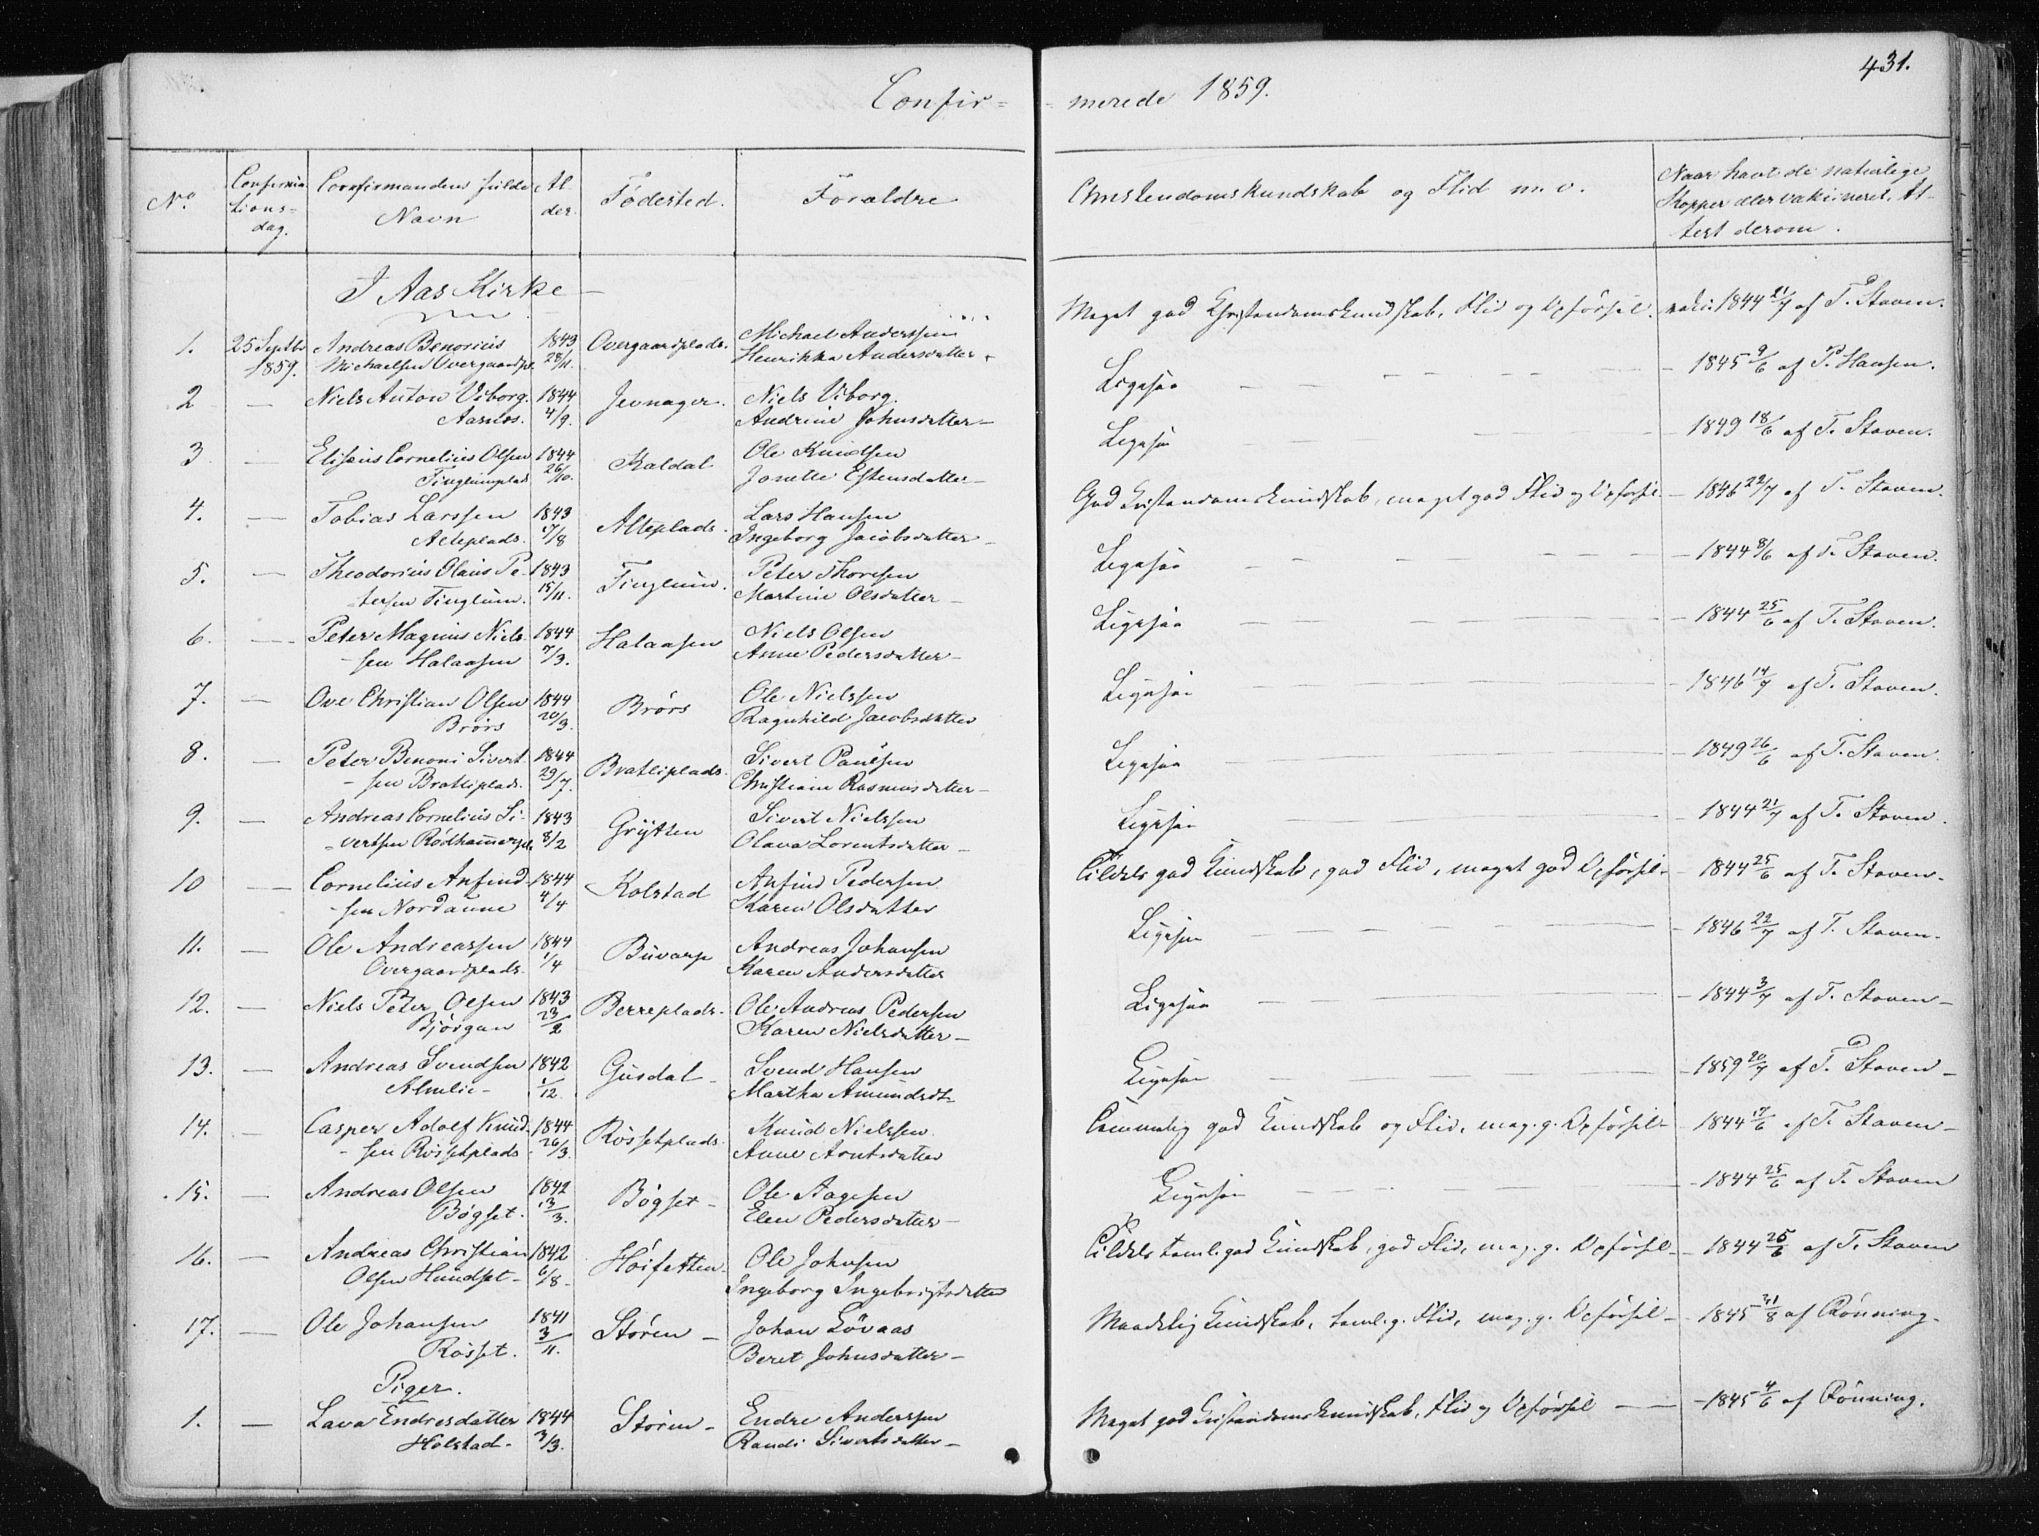 SAT, Ministerialprotokoller, klokkerbøker og fødselsregistre - Nord-Trøndelag, 741/L0393: Ministerialbok nr. 741A07, 1849-1863, s. 431